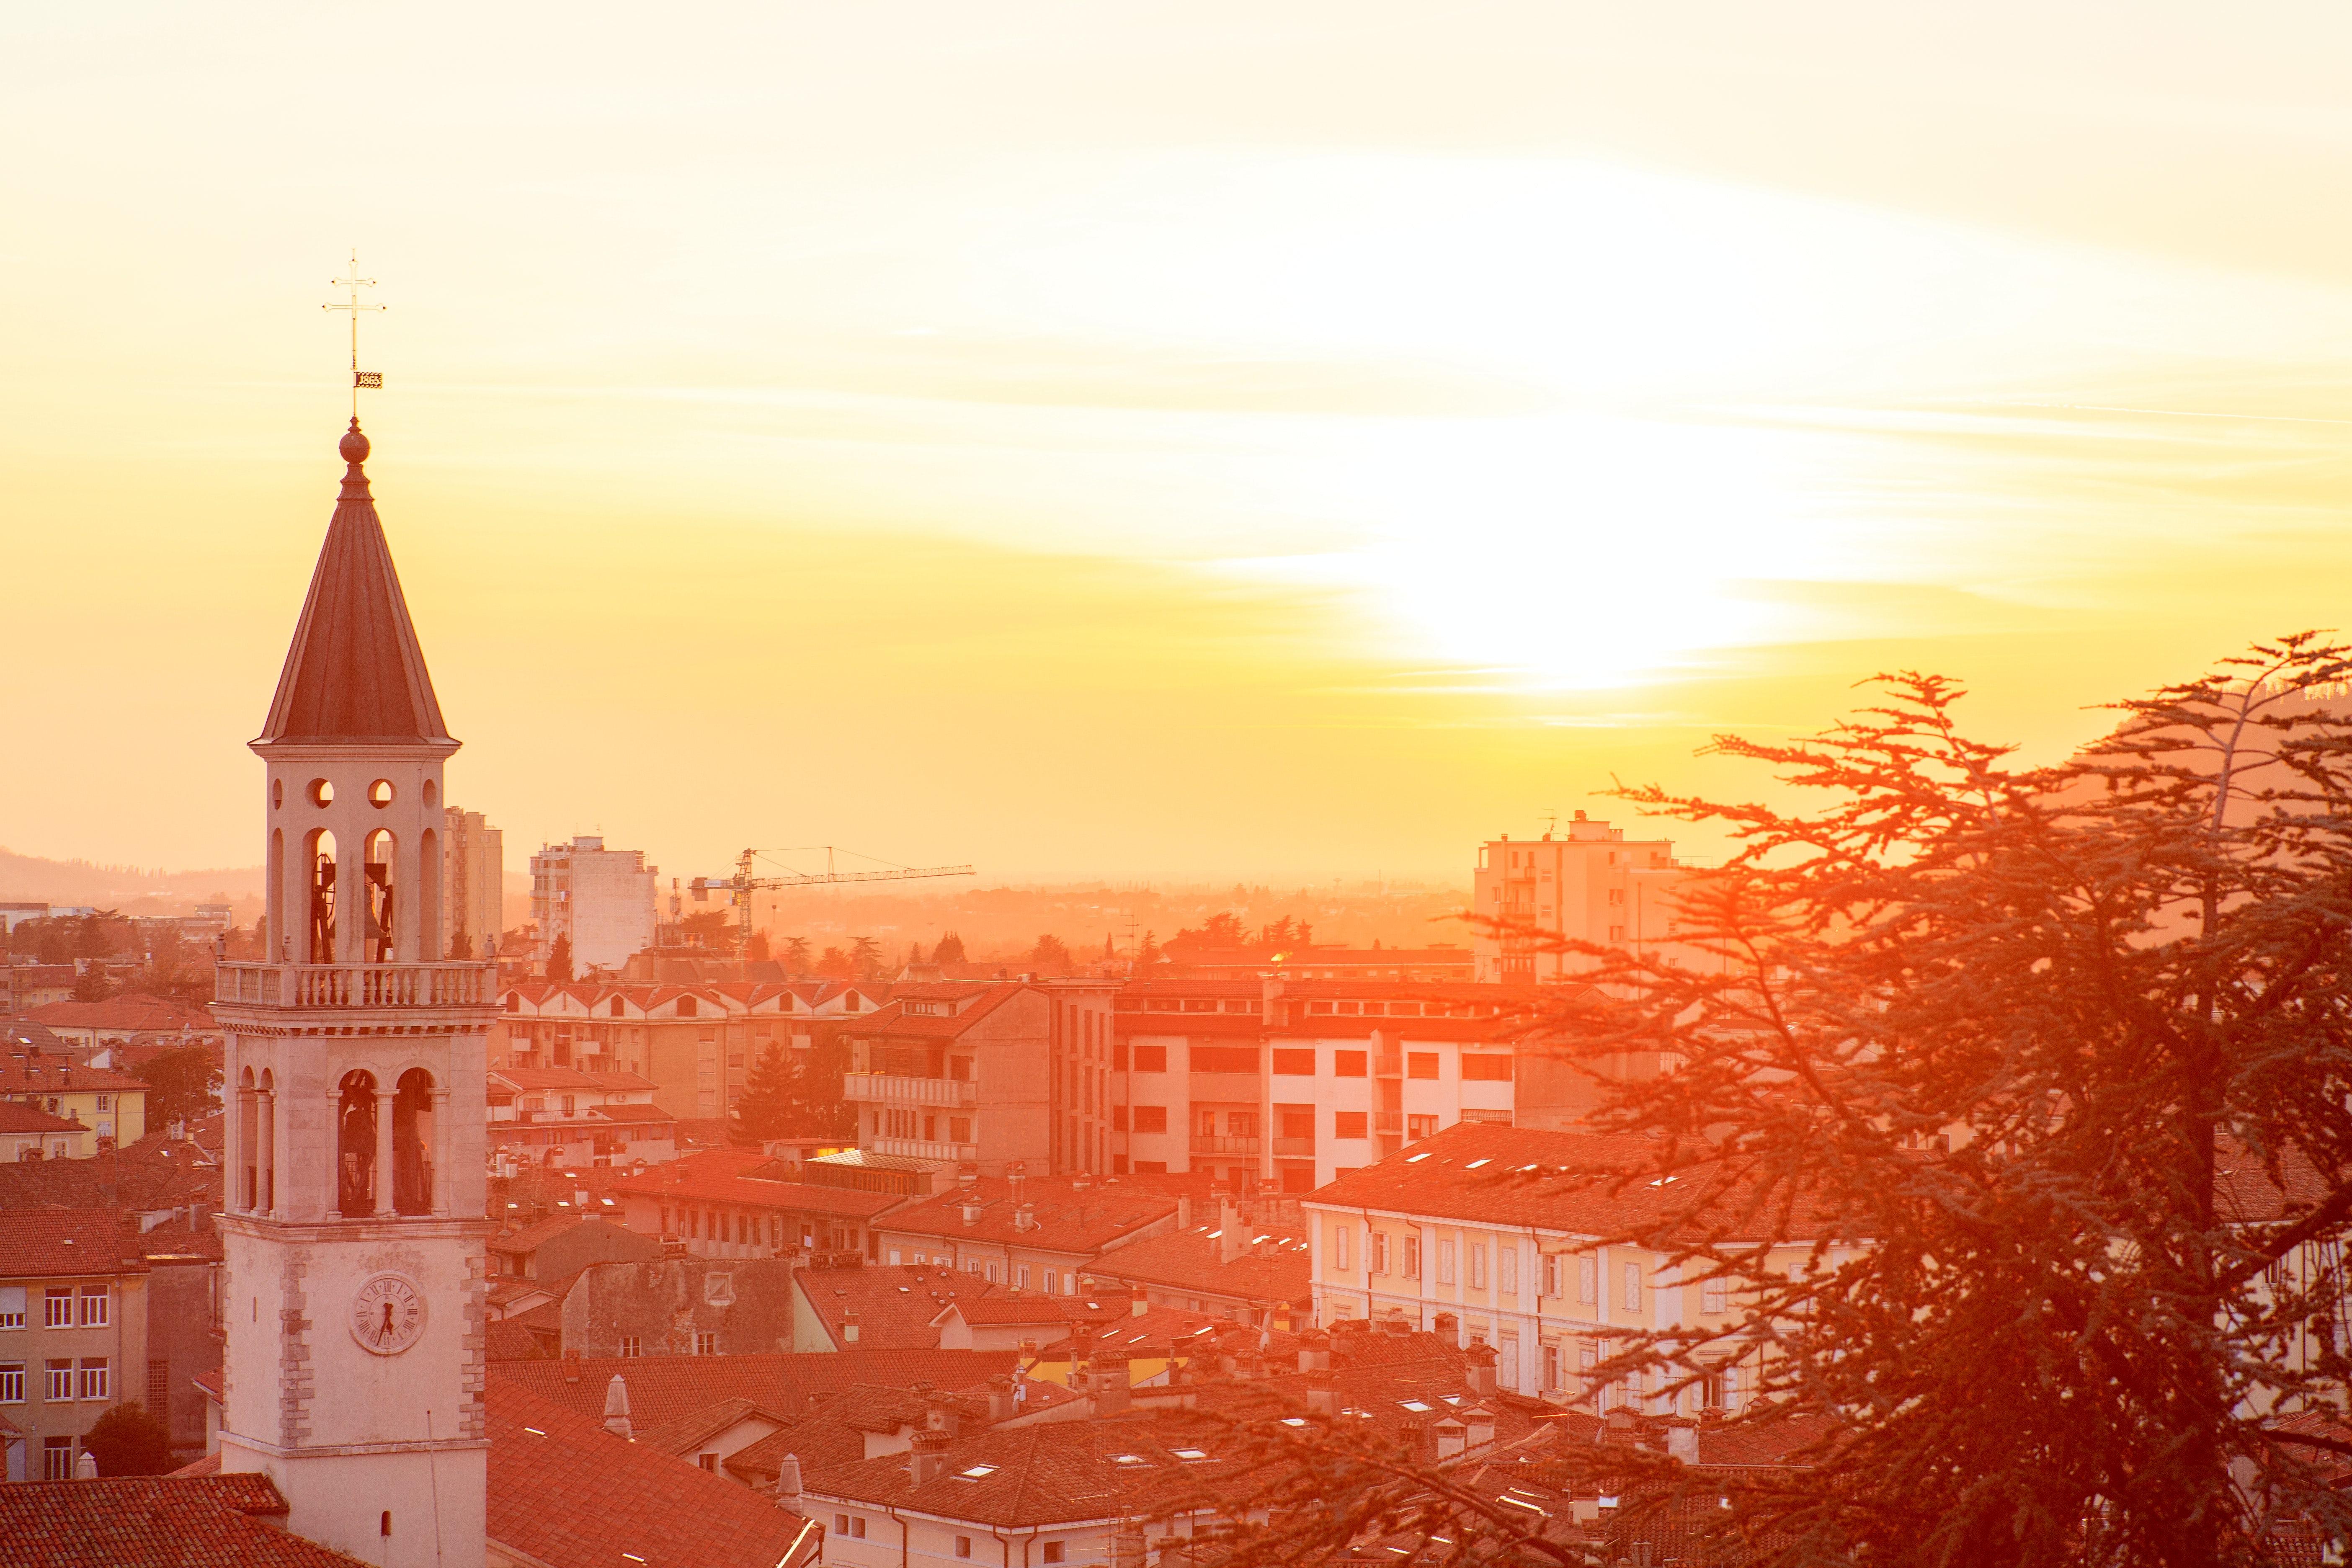 Gorizia, city of borders